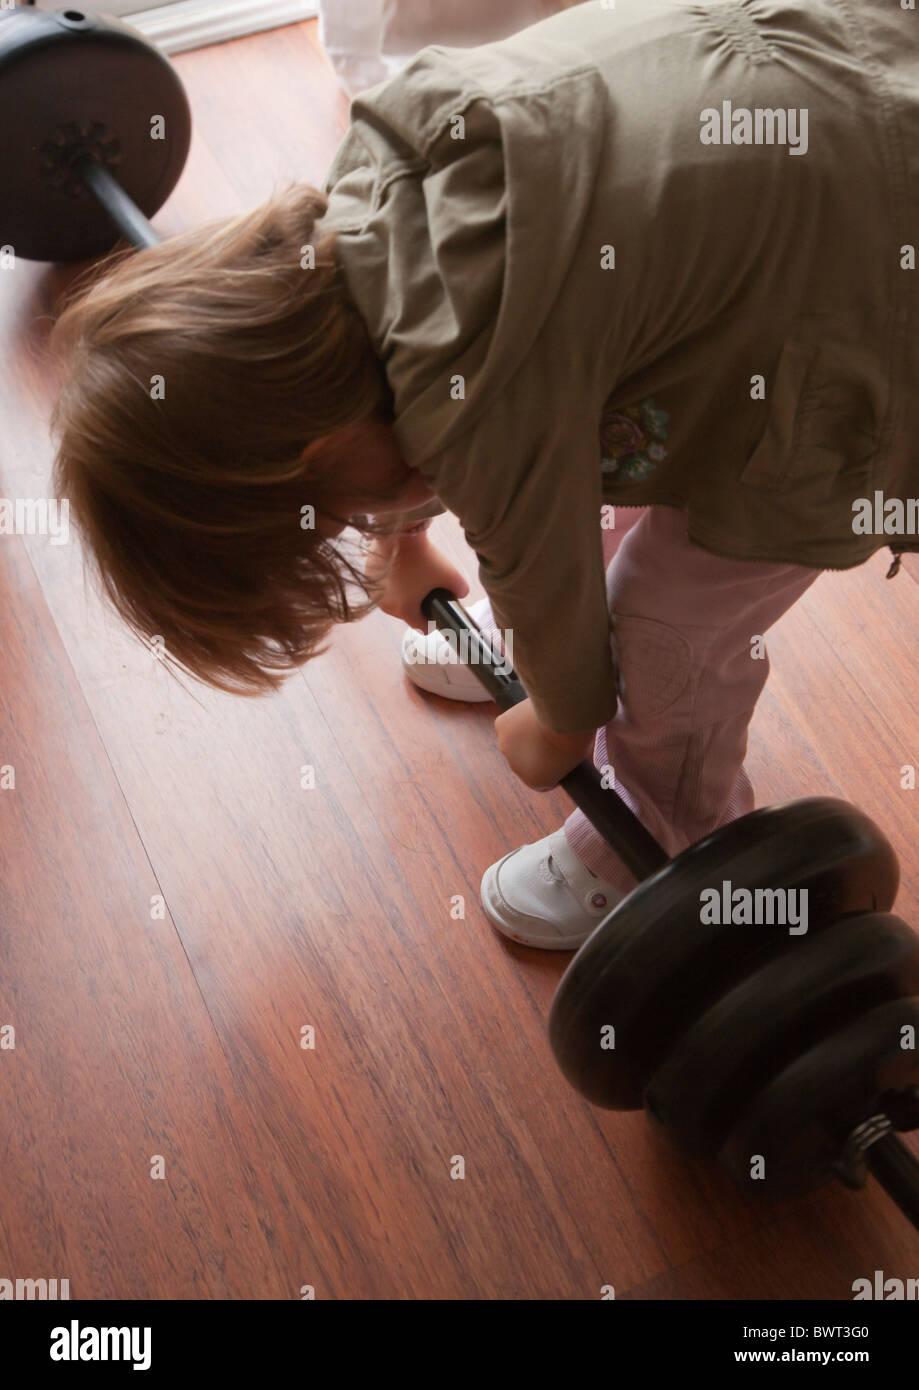 Bimba di tre anni cercando di sollevare pesi pesanti. Immagini Stock